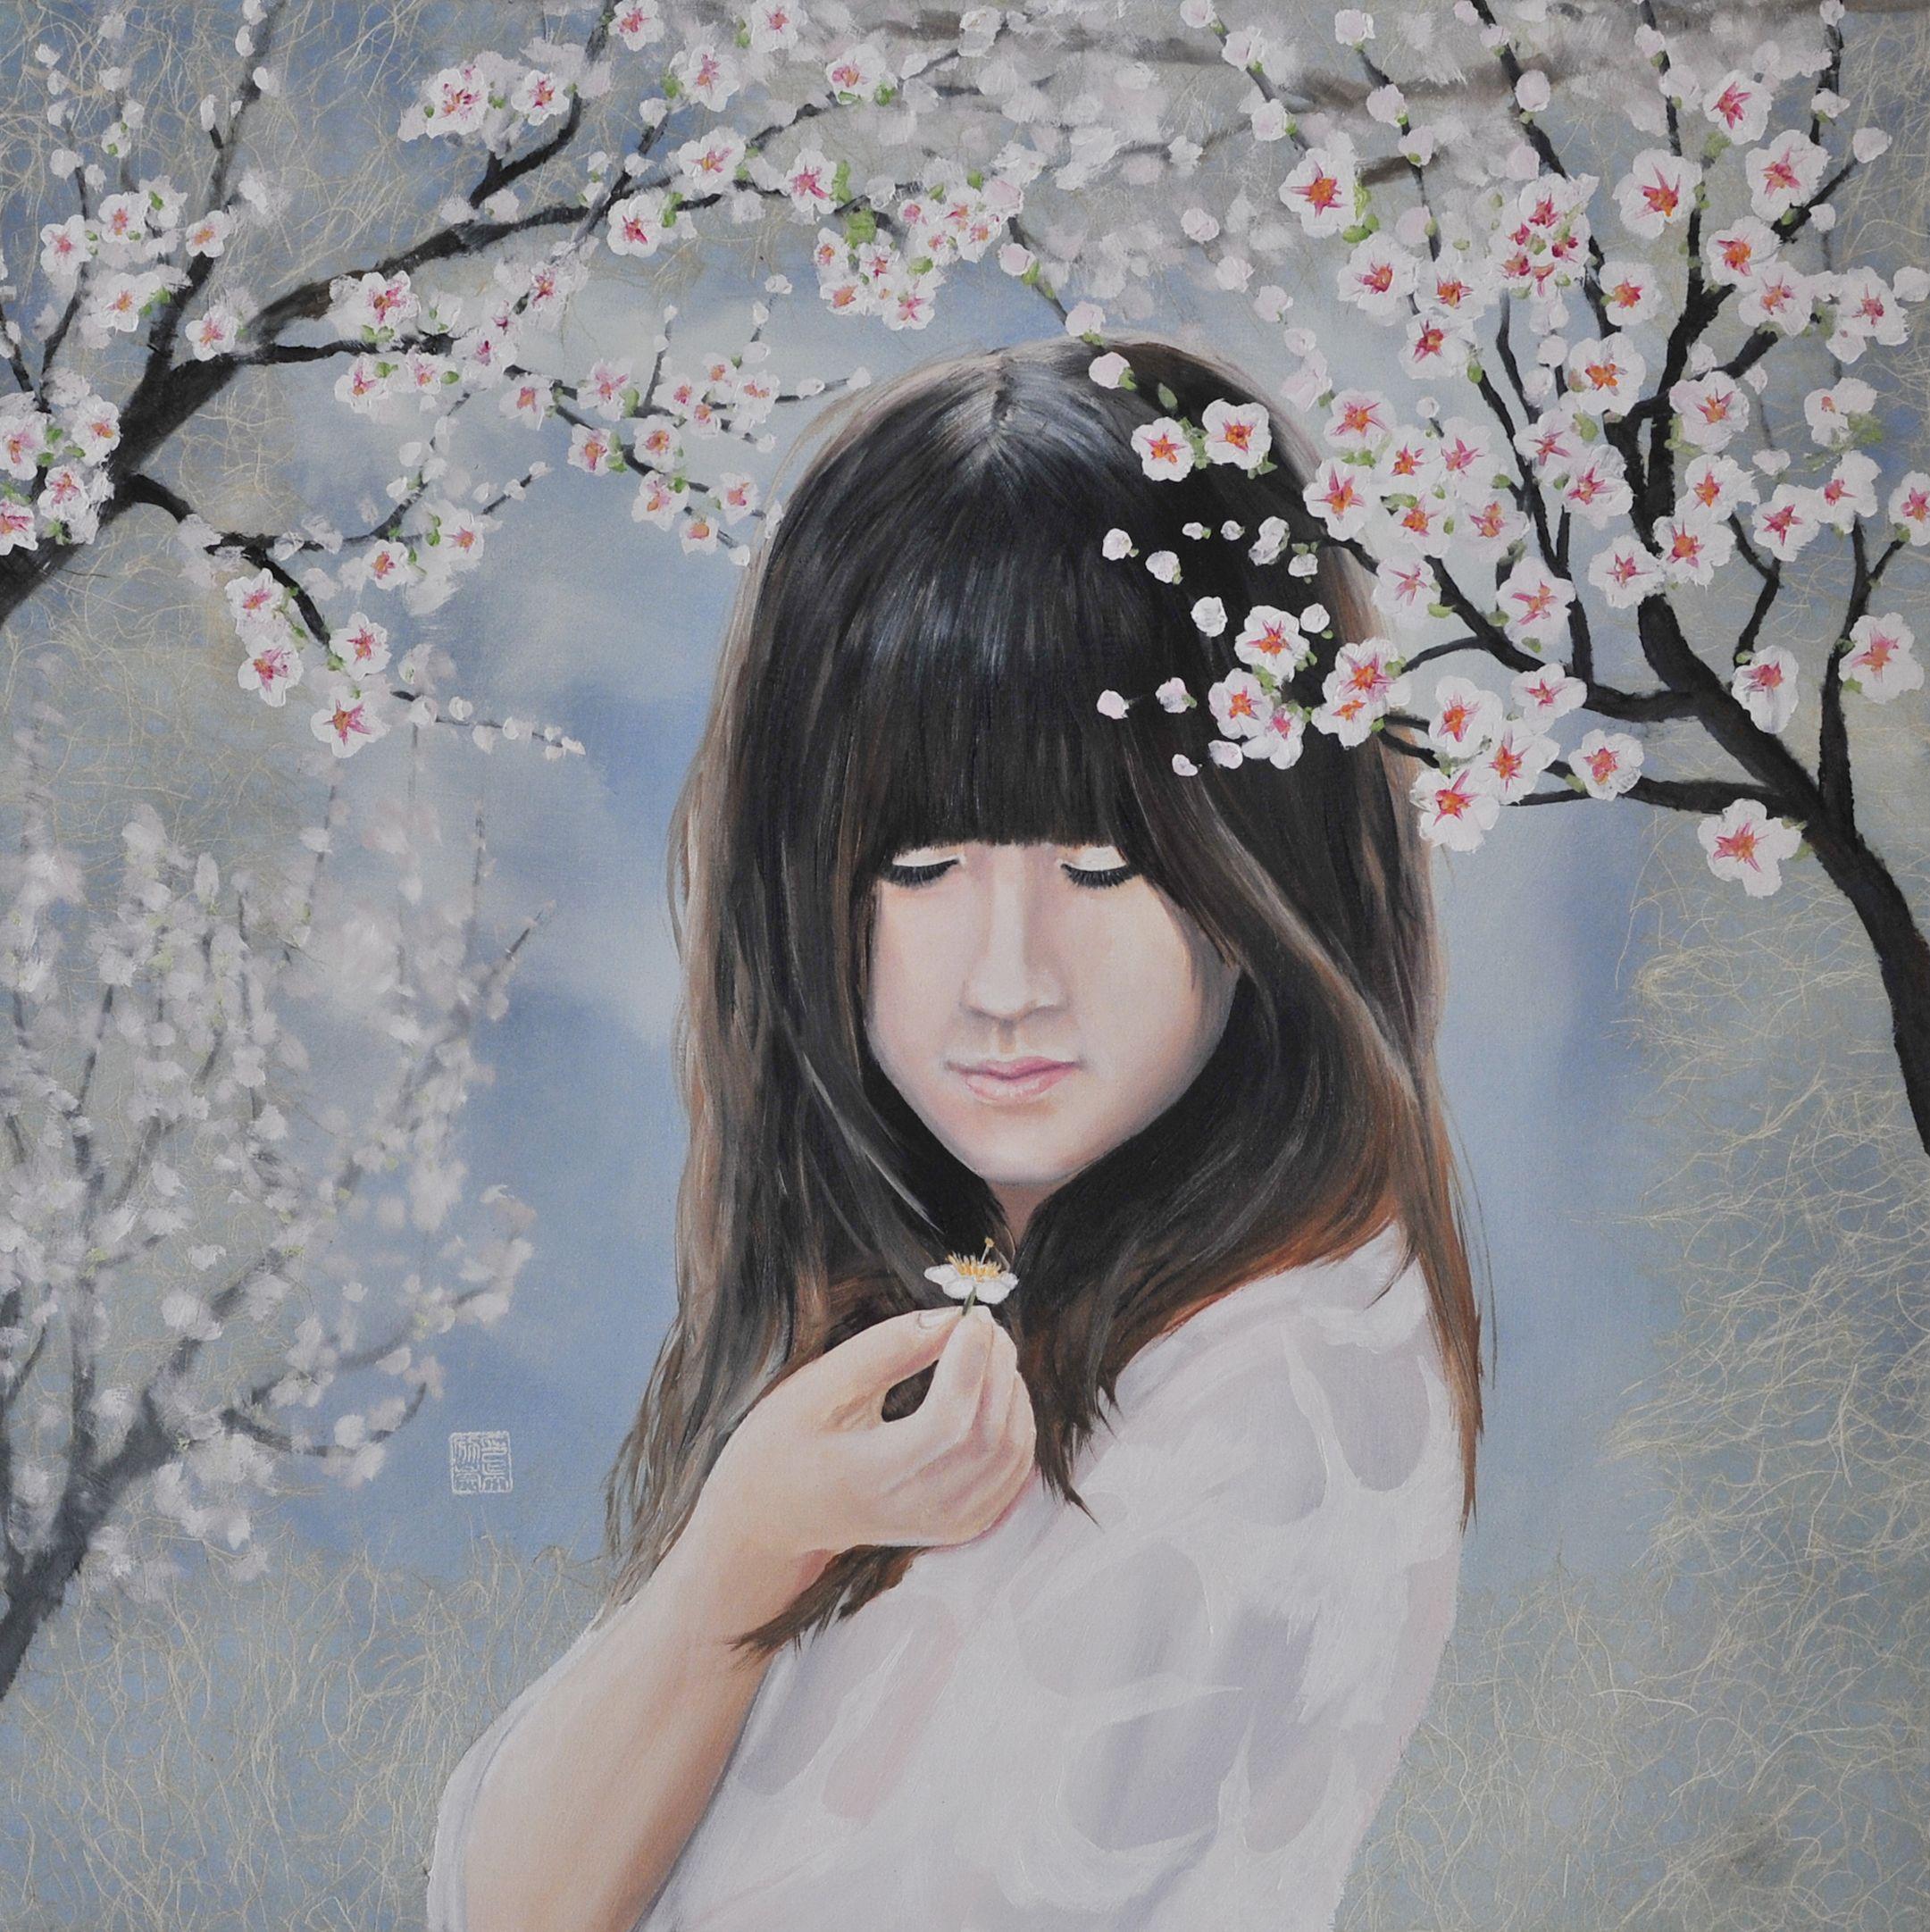 Detail - Sakura 2013 oil on linen 70*70 cm